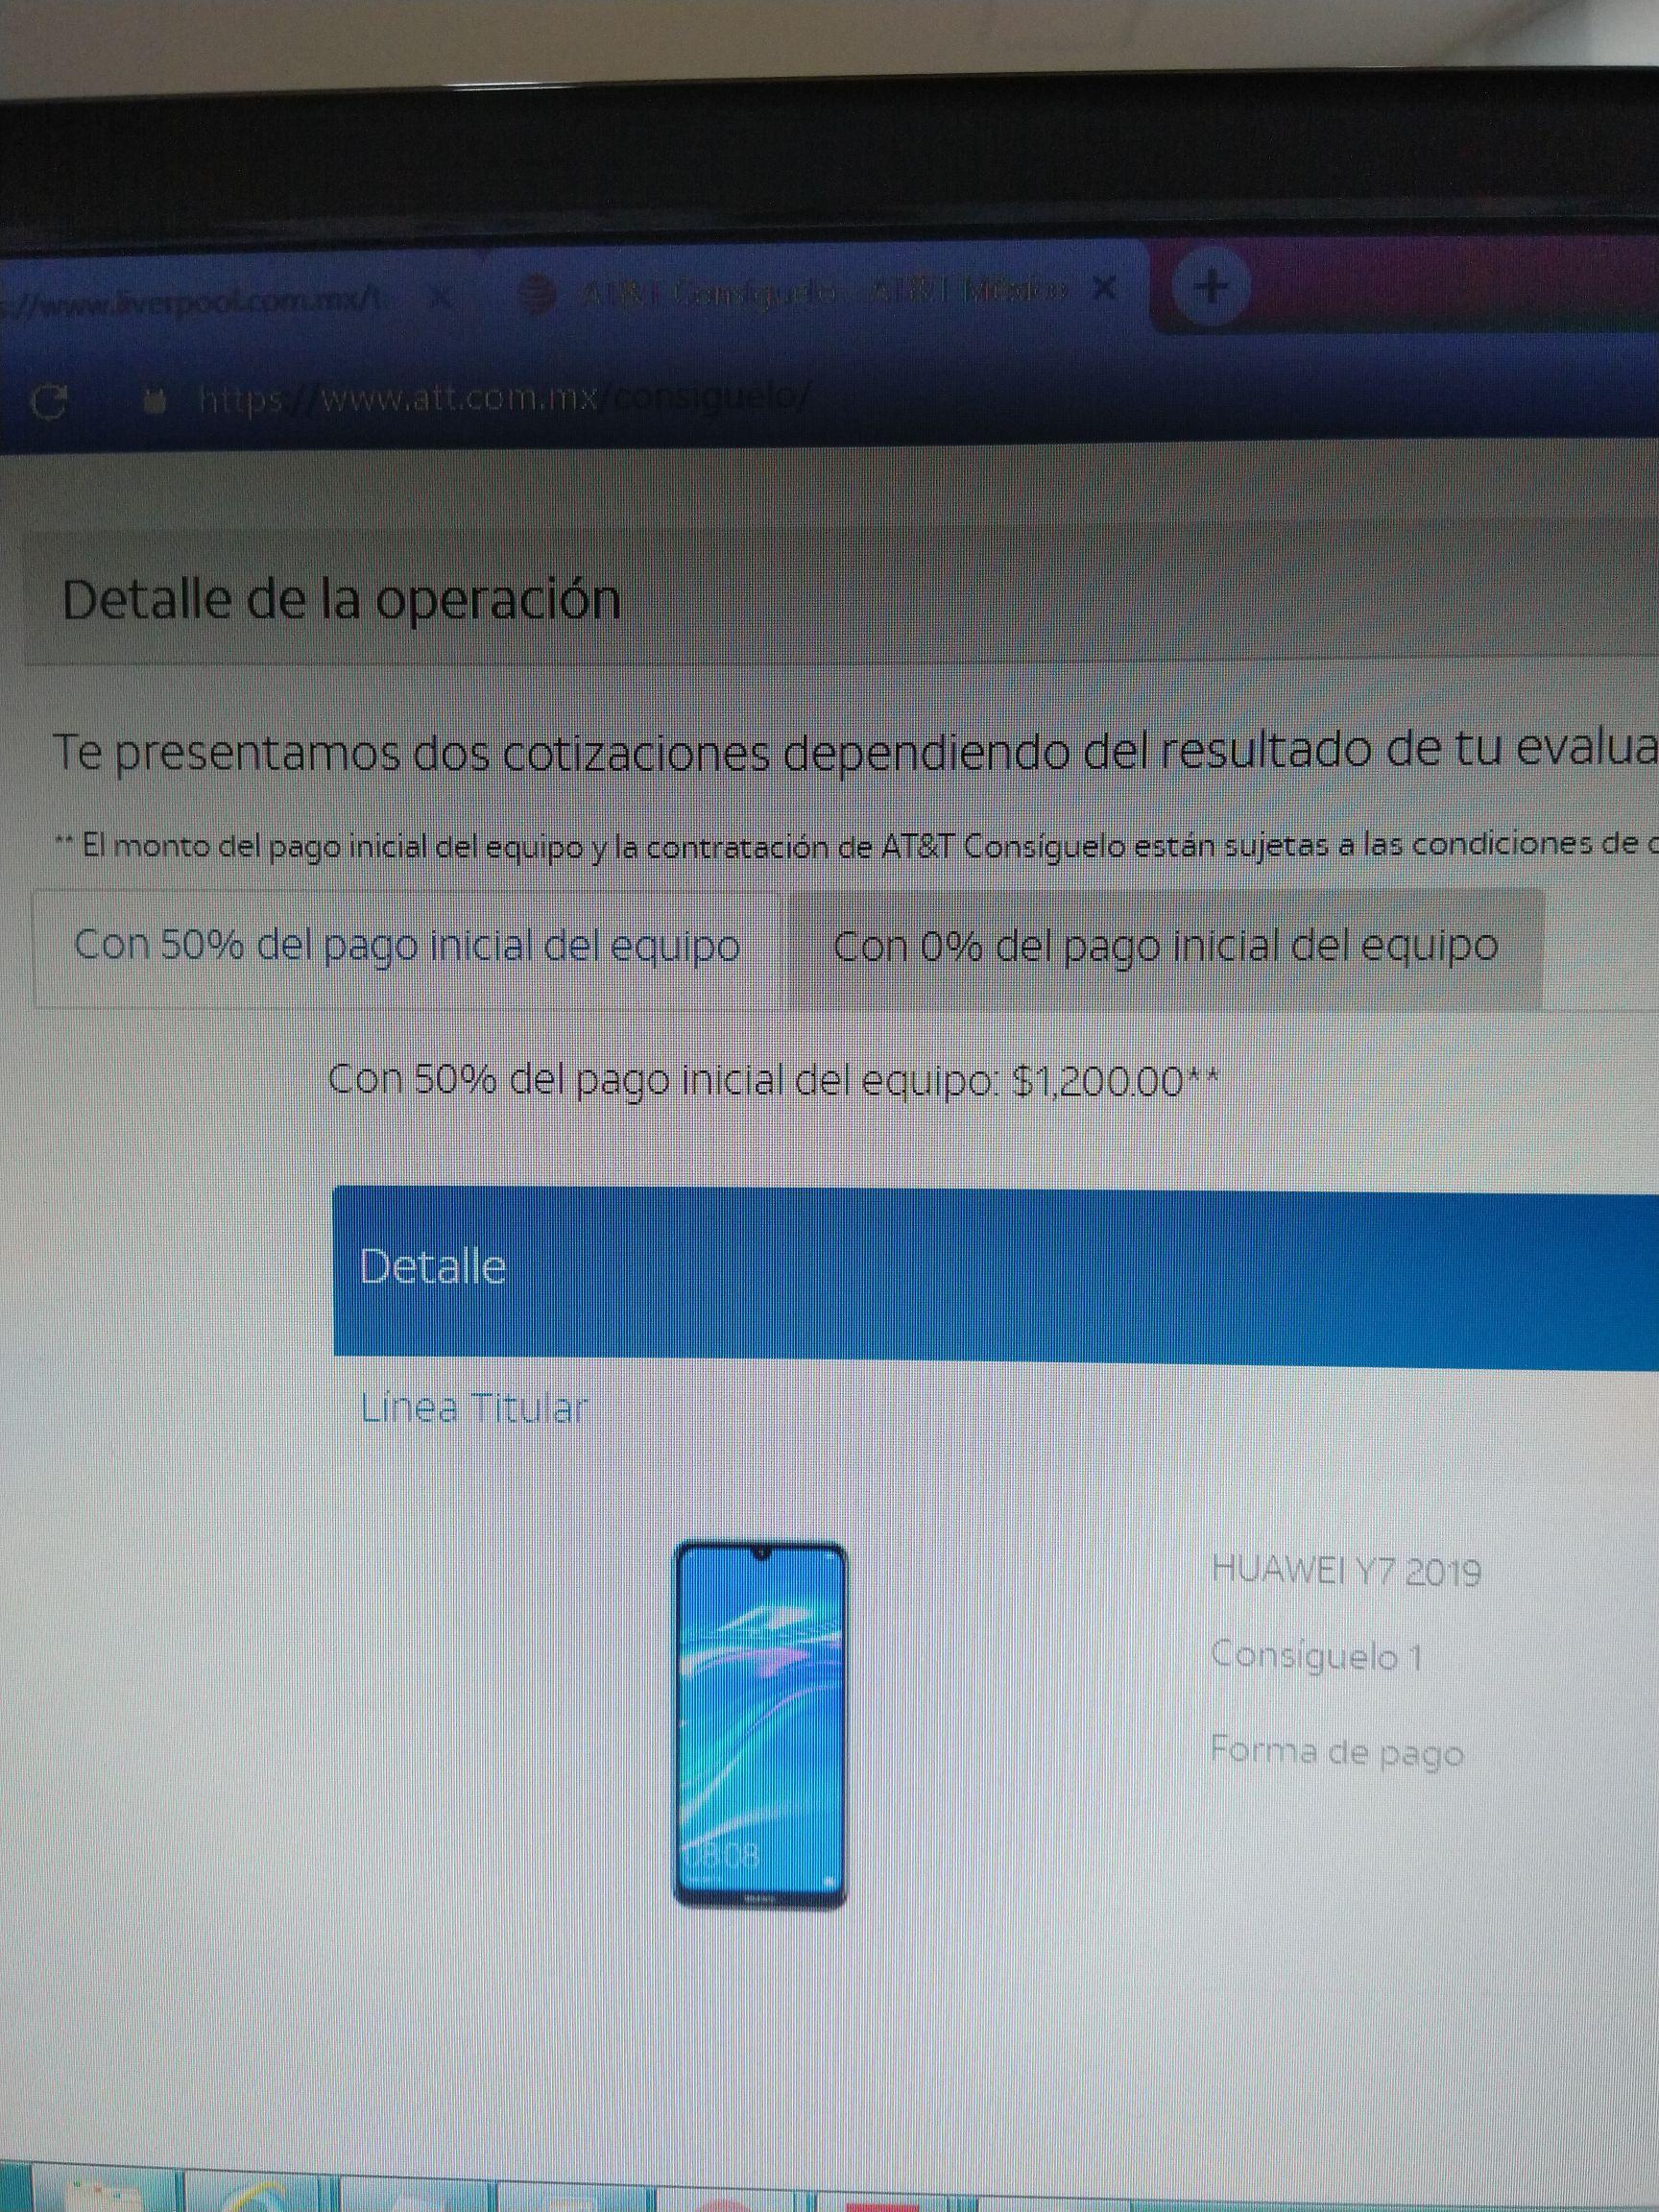 AT&T: Huawei Y7 2019 en plan Consígelo 1